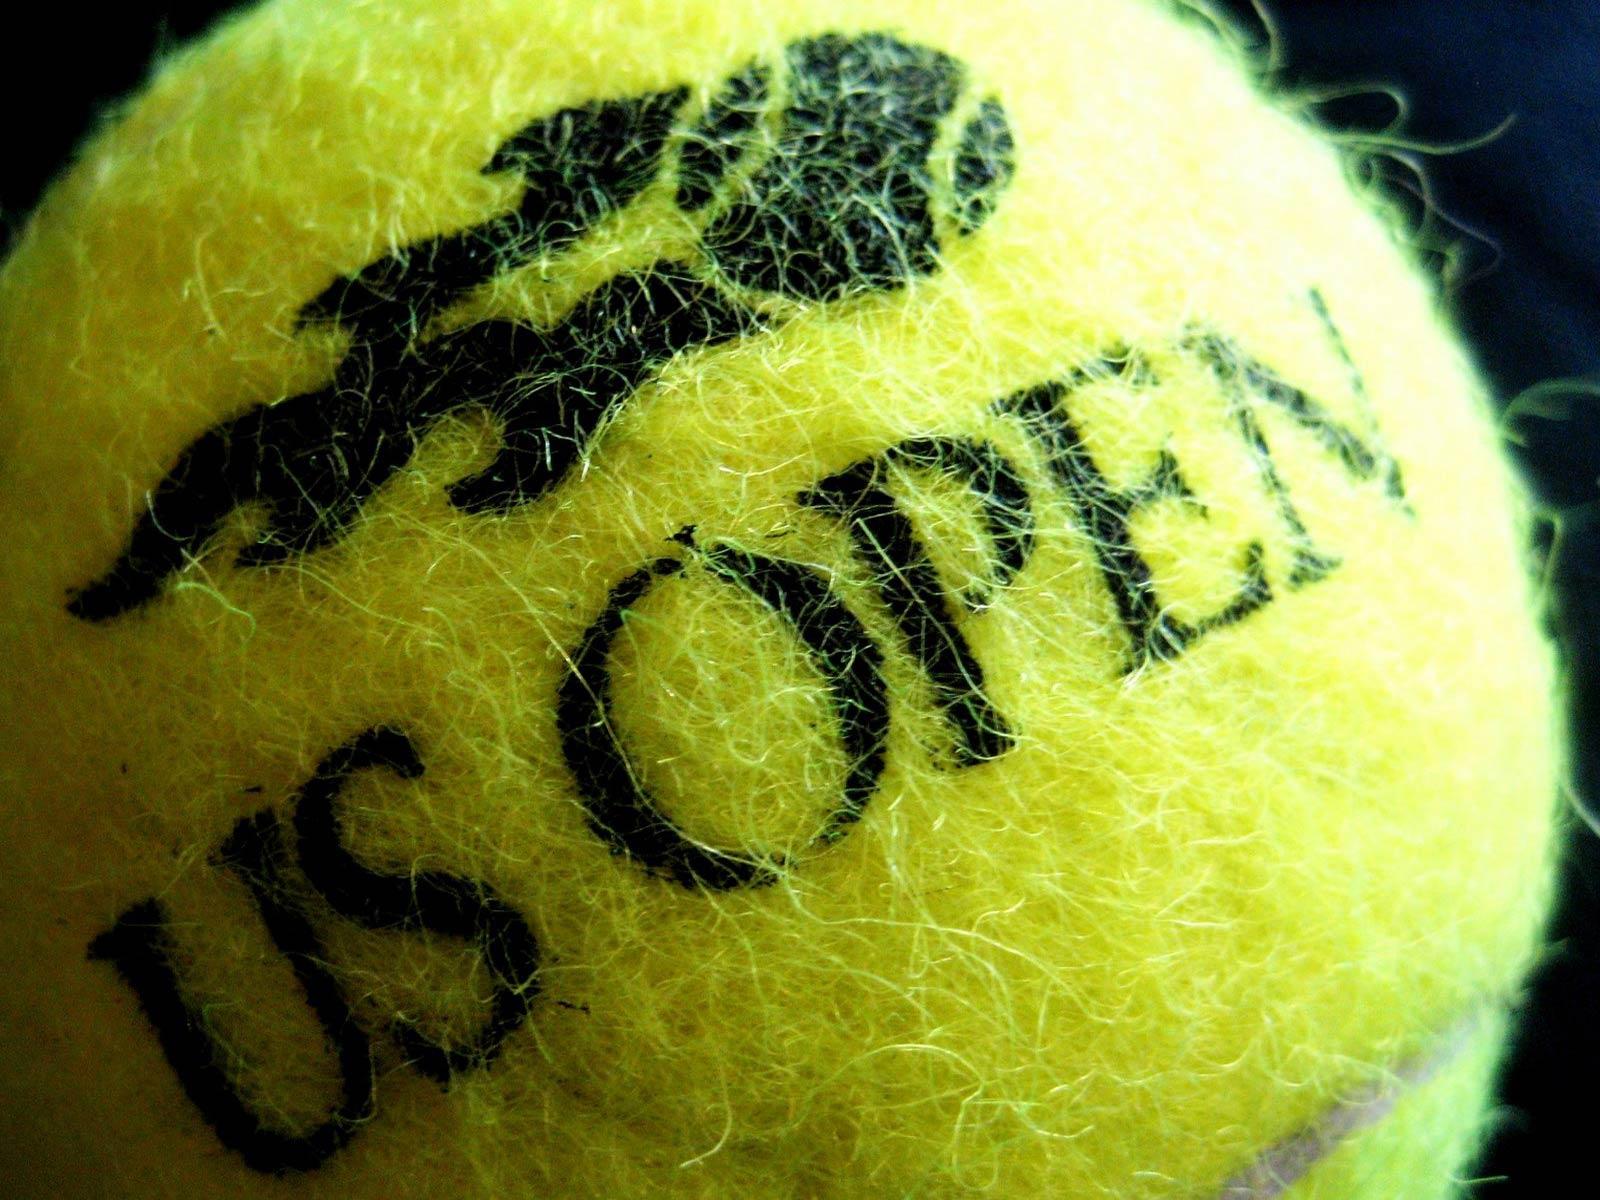 http://2.bp.blogspot.com/-aQpy4V7hoh8/Tj_snZnbqQI/AAAAAAAAAHk/YzsaEo9EztY/s1600/US-Open-Tennis-Ball-Wallpaper.jpg